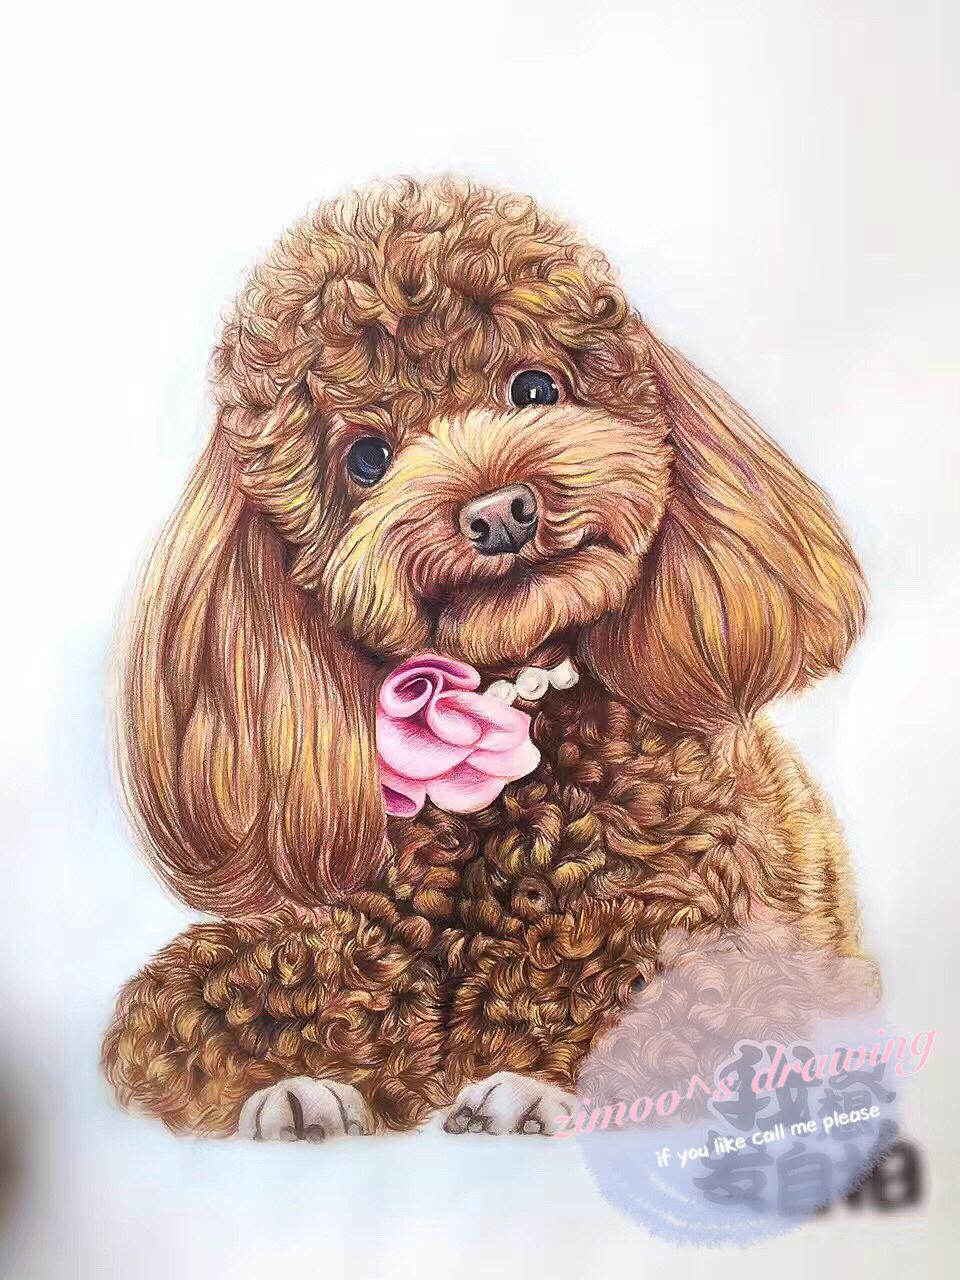 手绘彩铅动物——泰迪